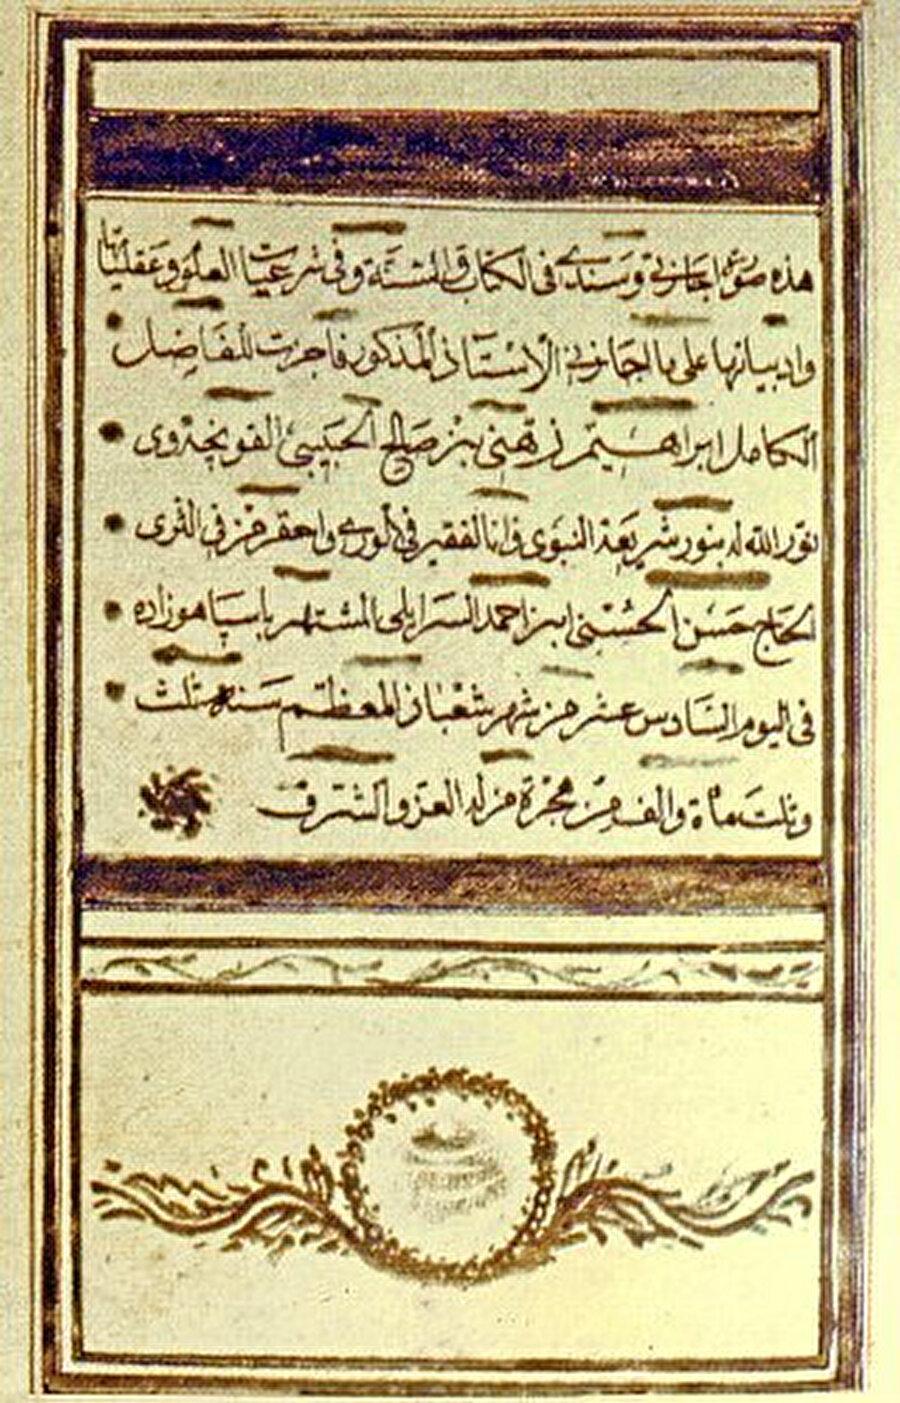 Saraybosnalı Sipâhîzâde Hasan Hüsnü'nün 16 Şâban 1303 (20 Mayıs 1886) tarihli umumi ilmî icâzeti (Saraybosna Gazi Hüsrev Bey Ktp., nr. 2862)